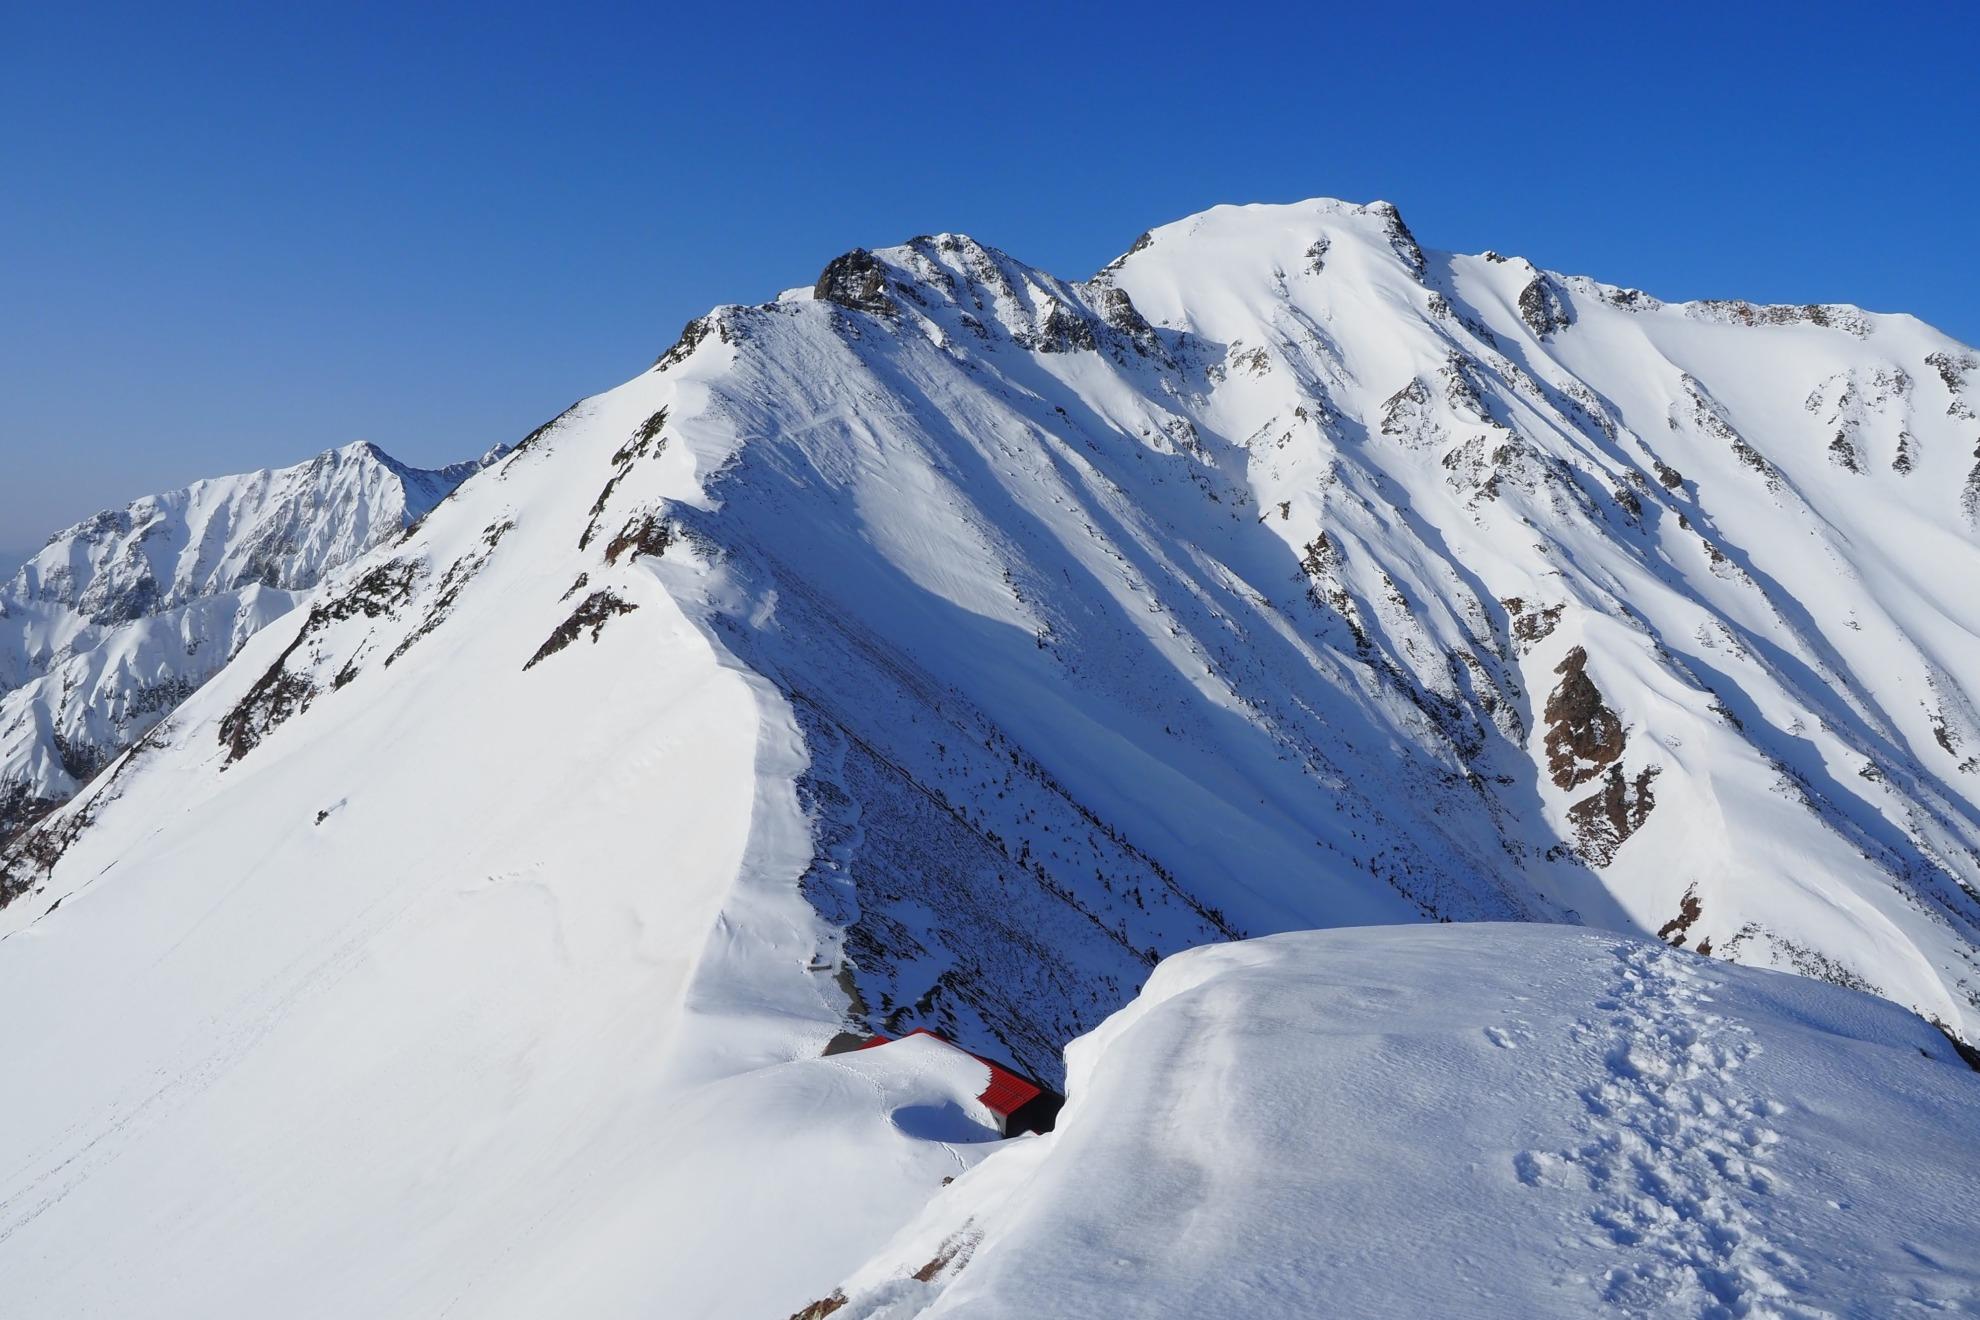 雪の五竜岳と五竜山荘